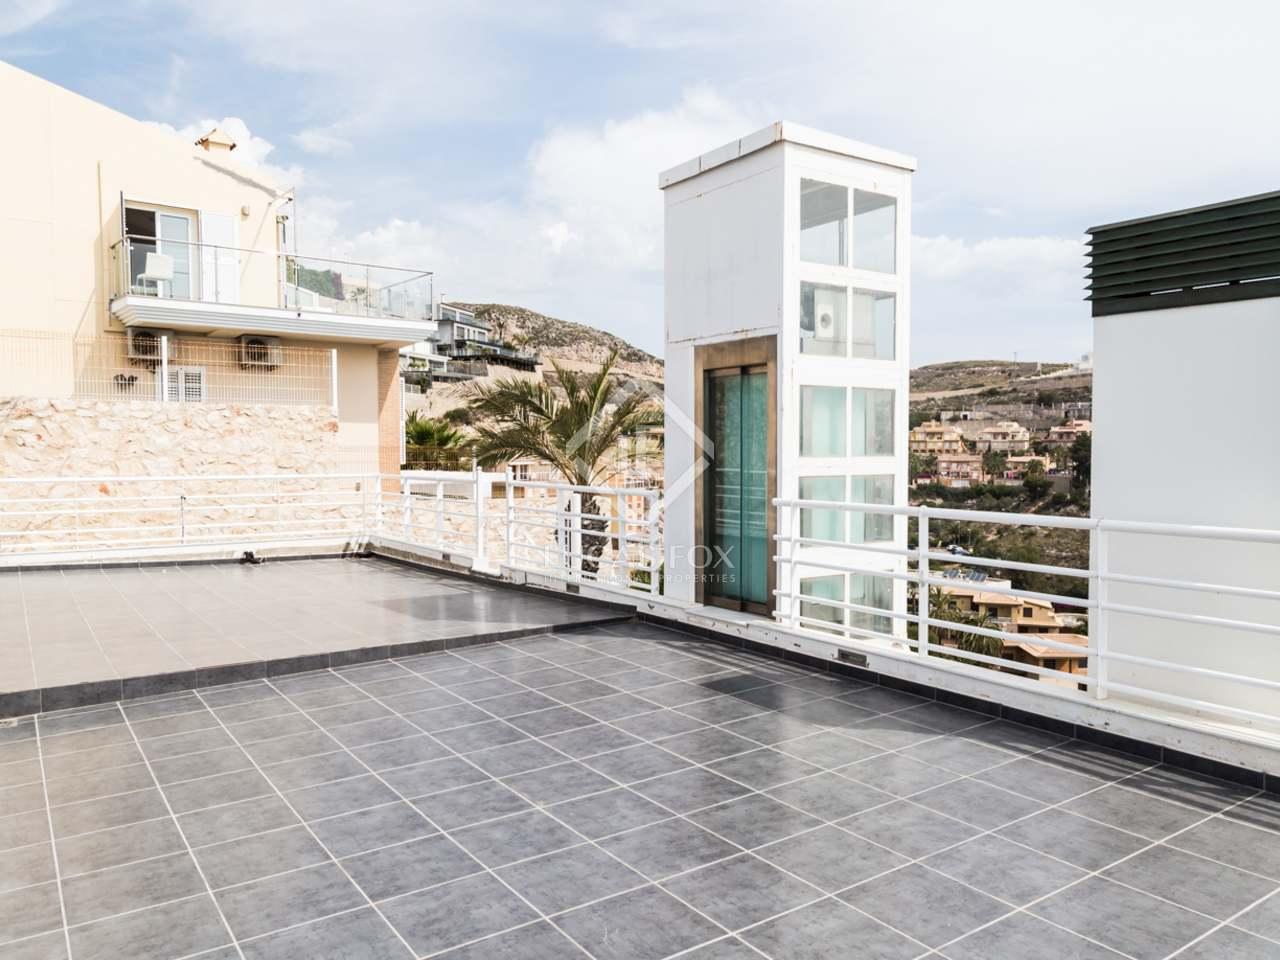 Villa en frente al mar en venta cerca de cullera valencia - Casas del mediterraneo valencia ...